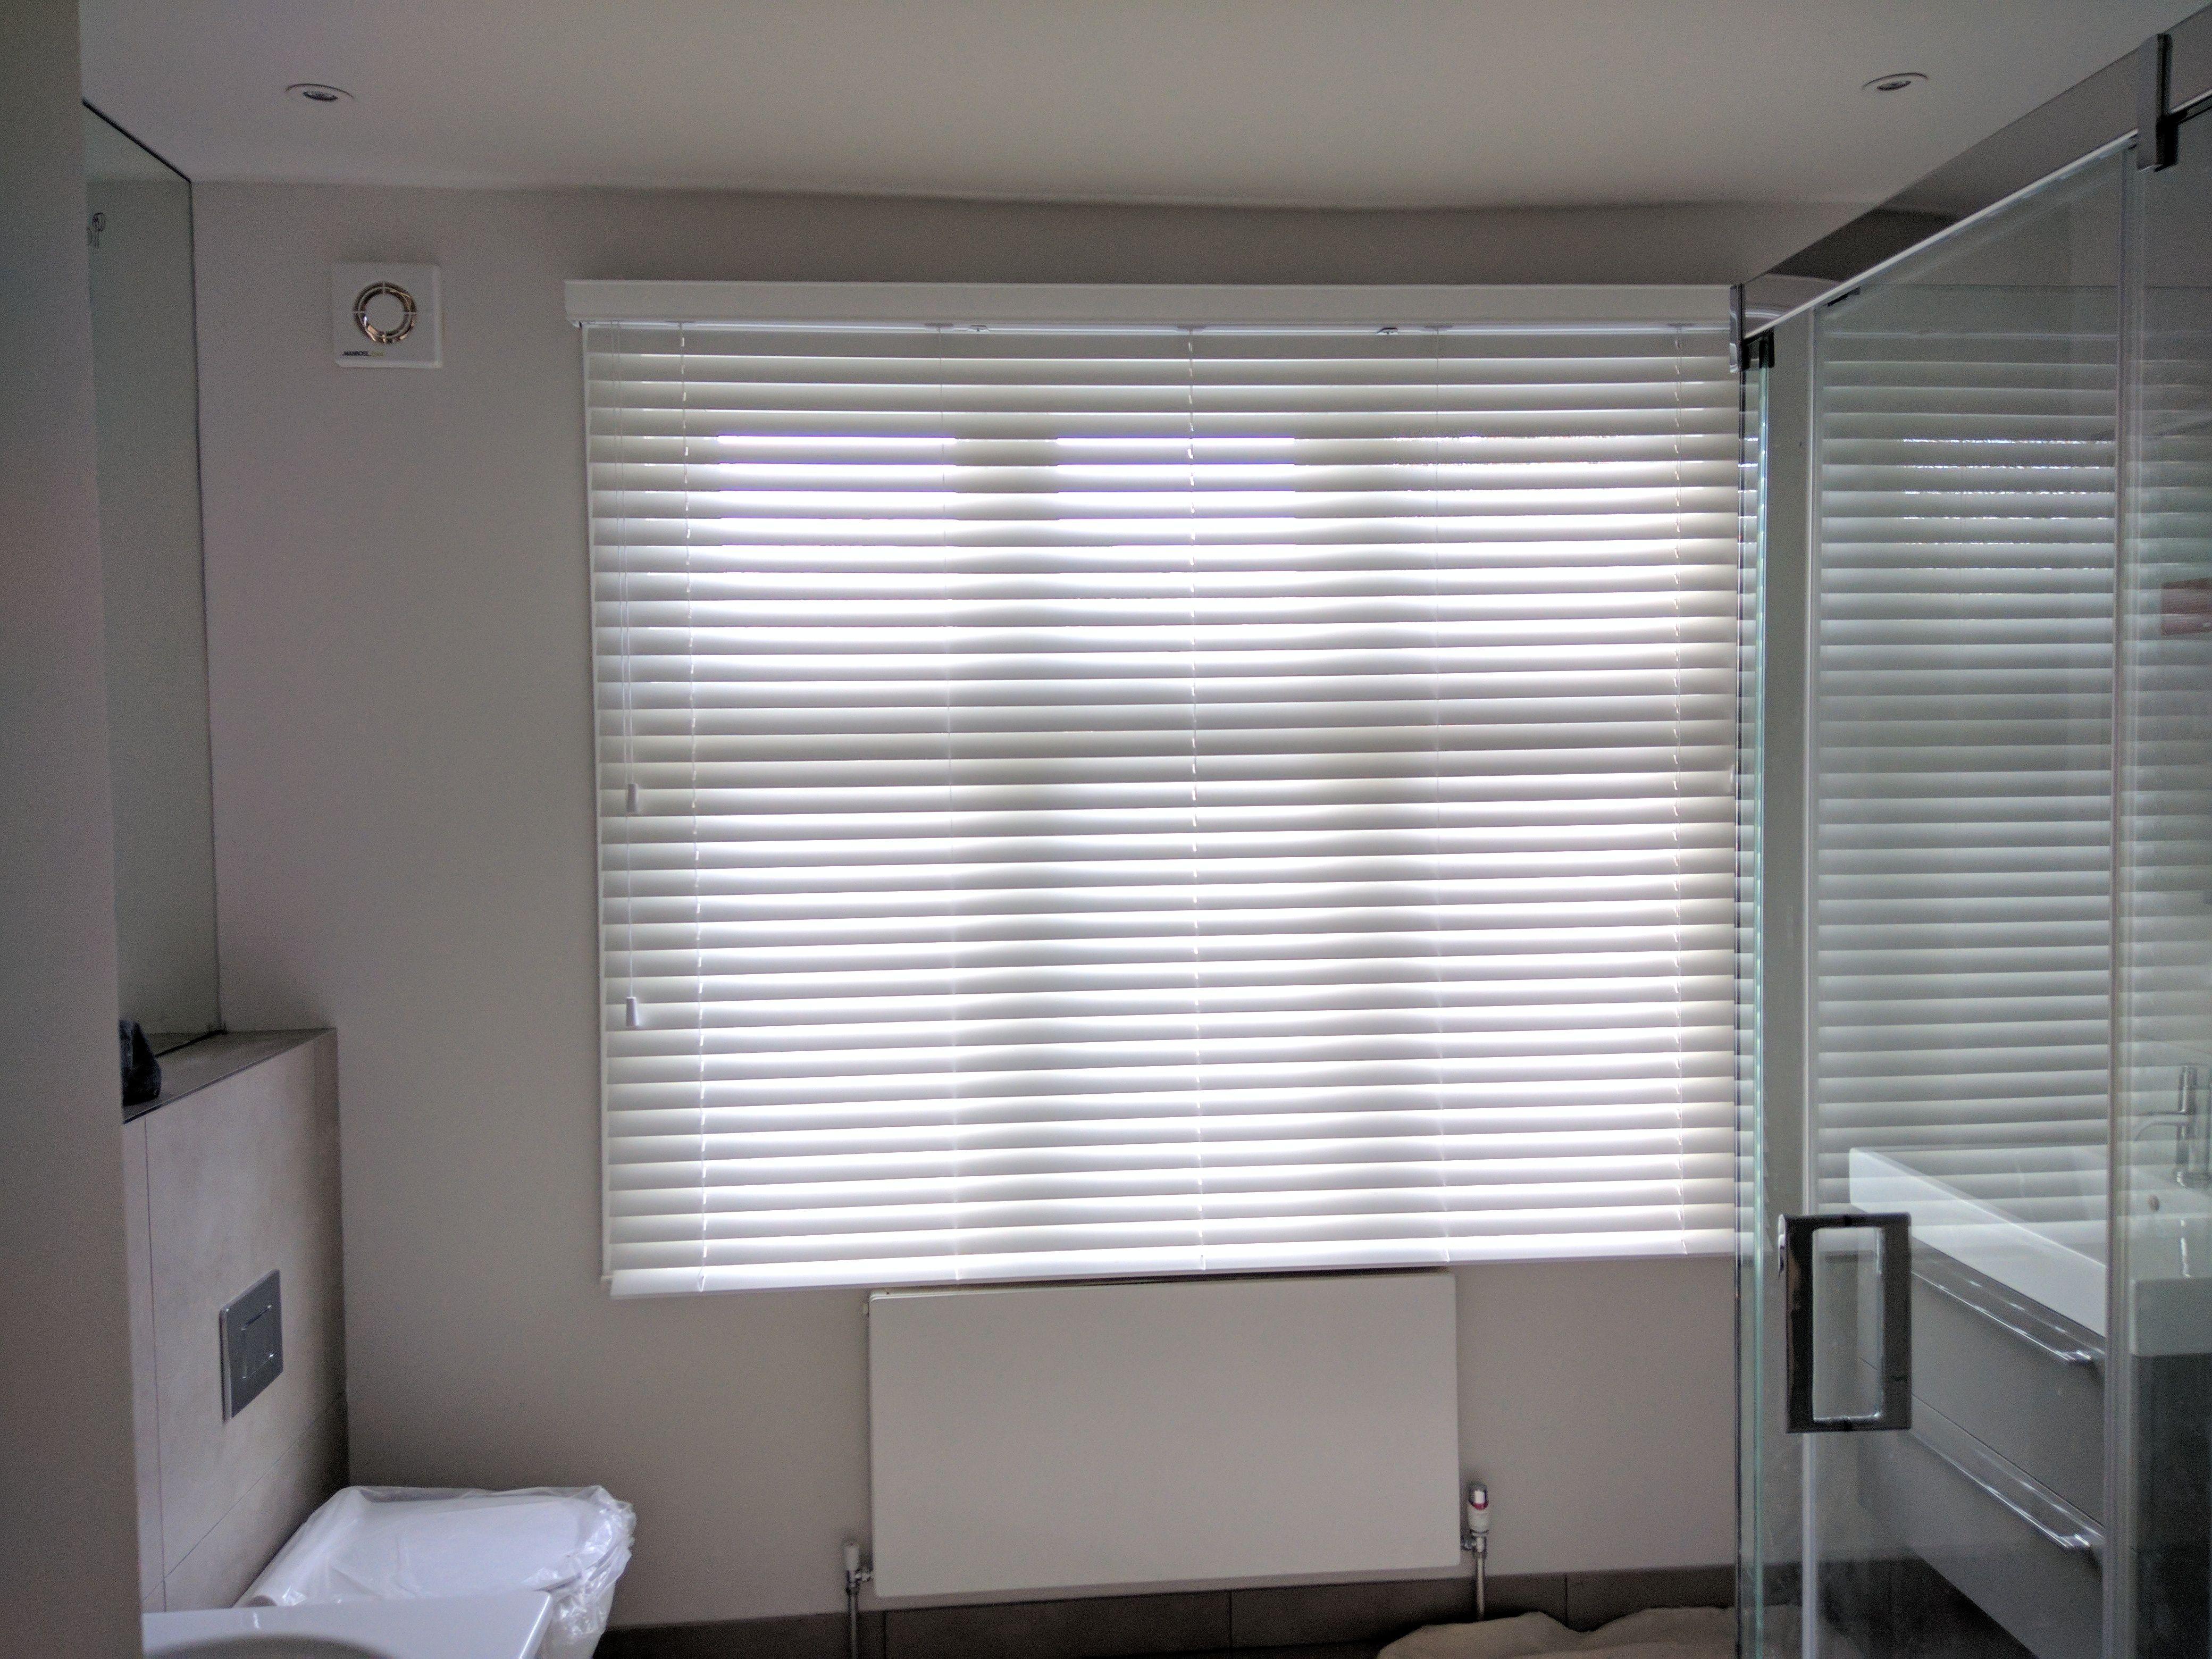 30 Bathroom Blinds Inspiration Ideas Bathroom Blinds Blinds Inspiration Blinds